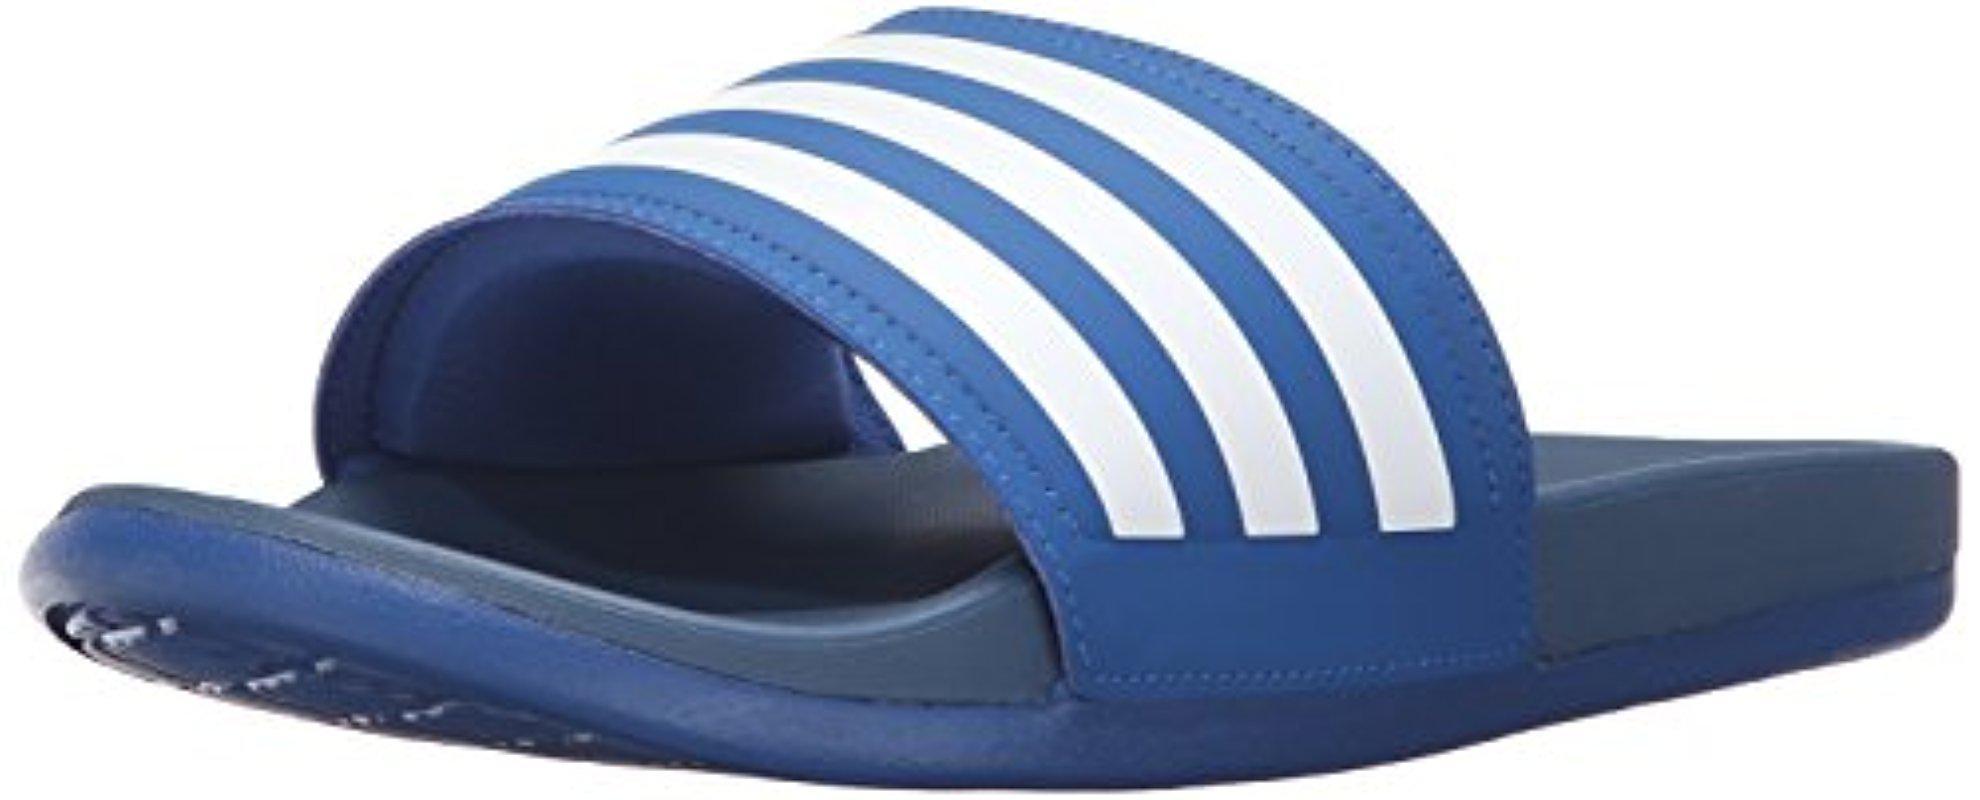 5ad302b16dc3 Lyst - adidas Performance Adilette Cf Ultra C Athletic Sandal in ...